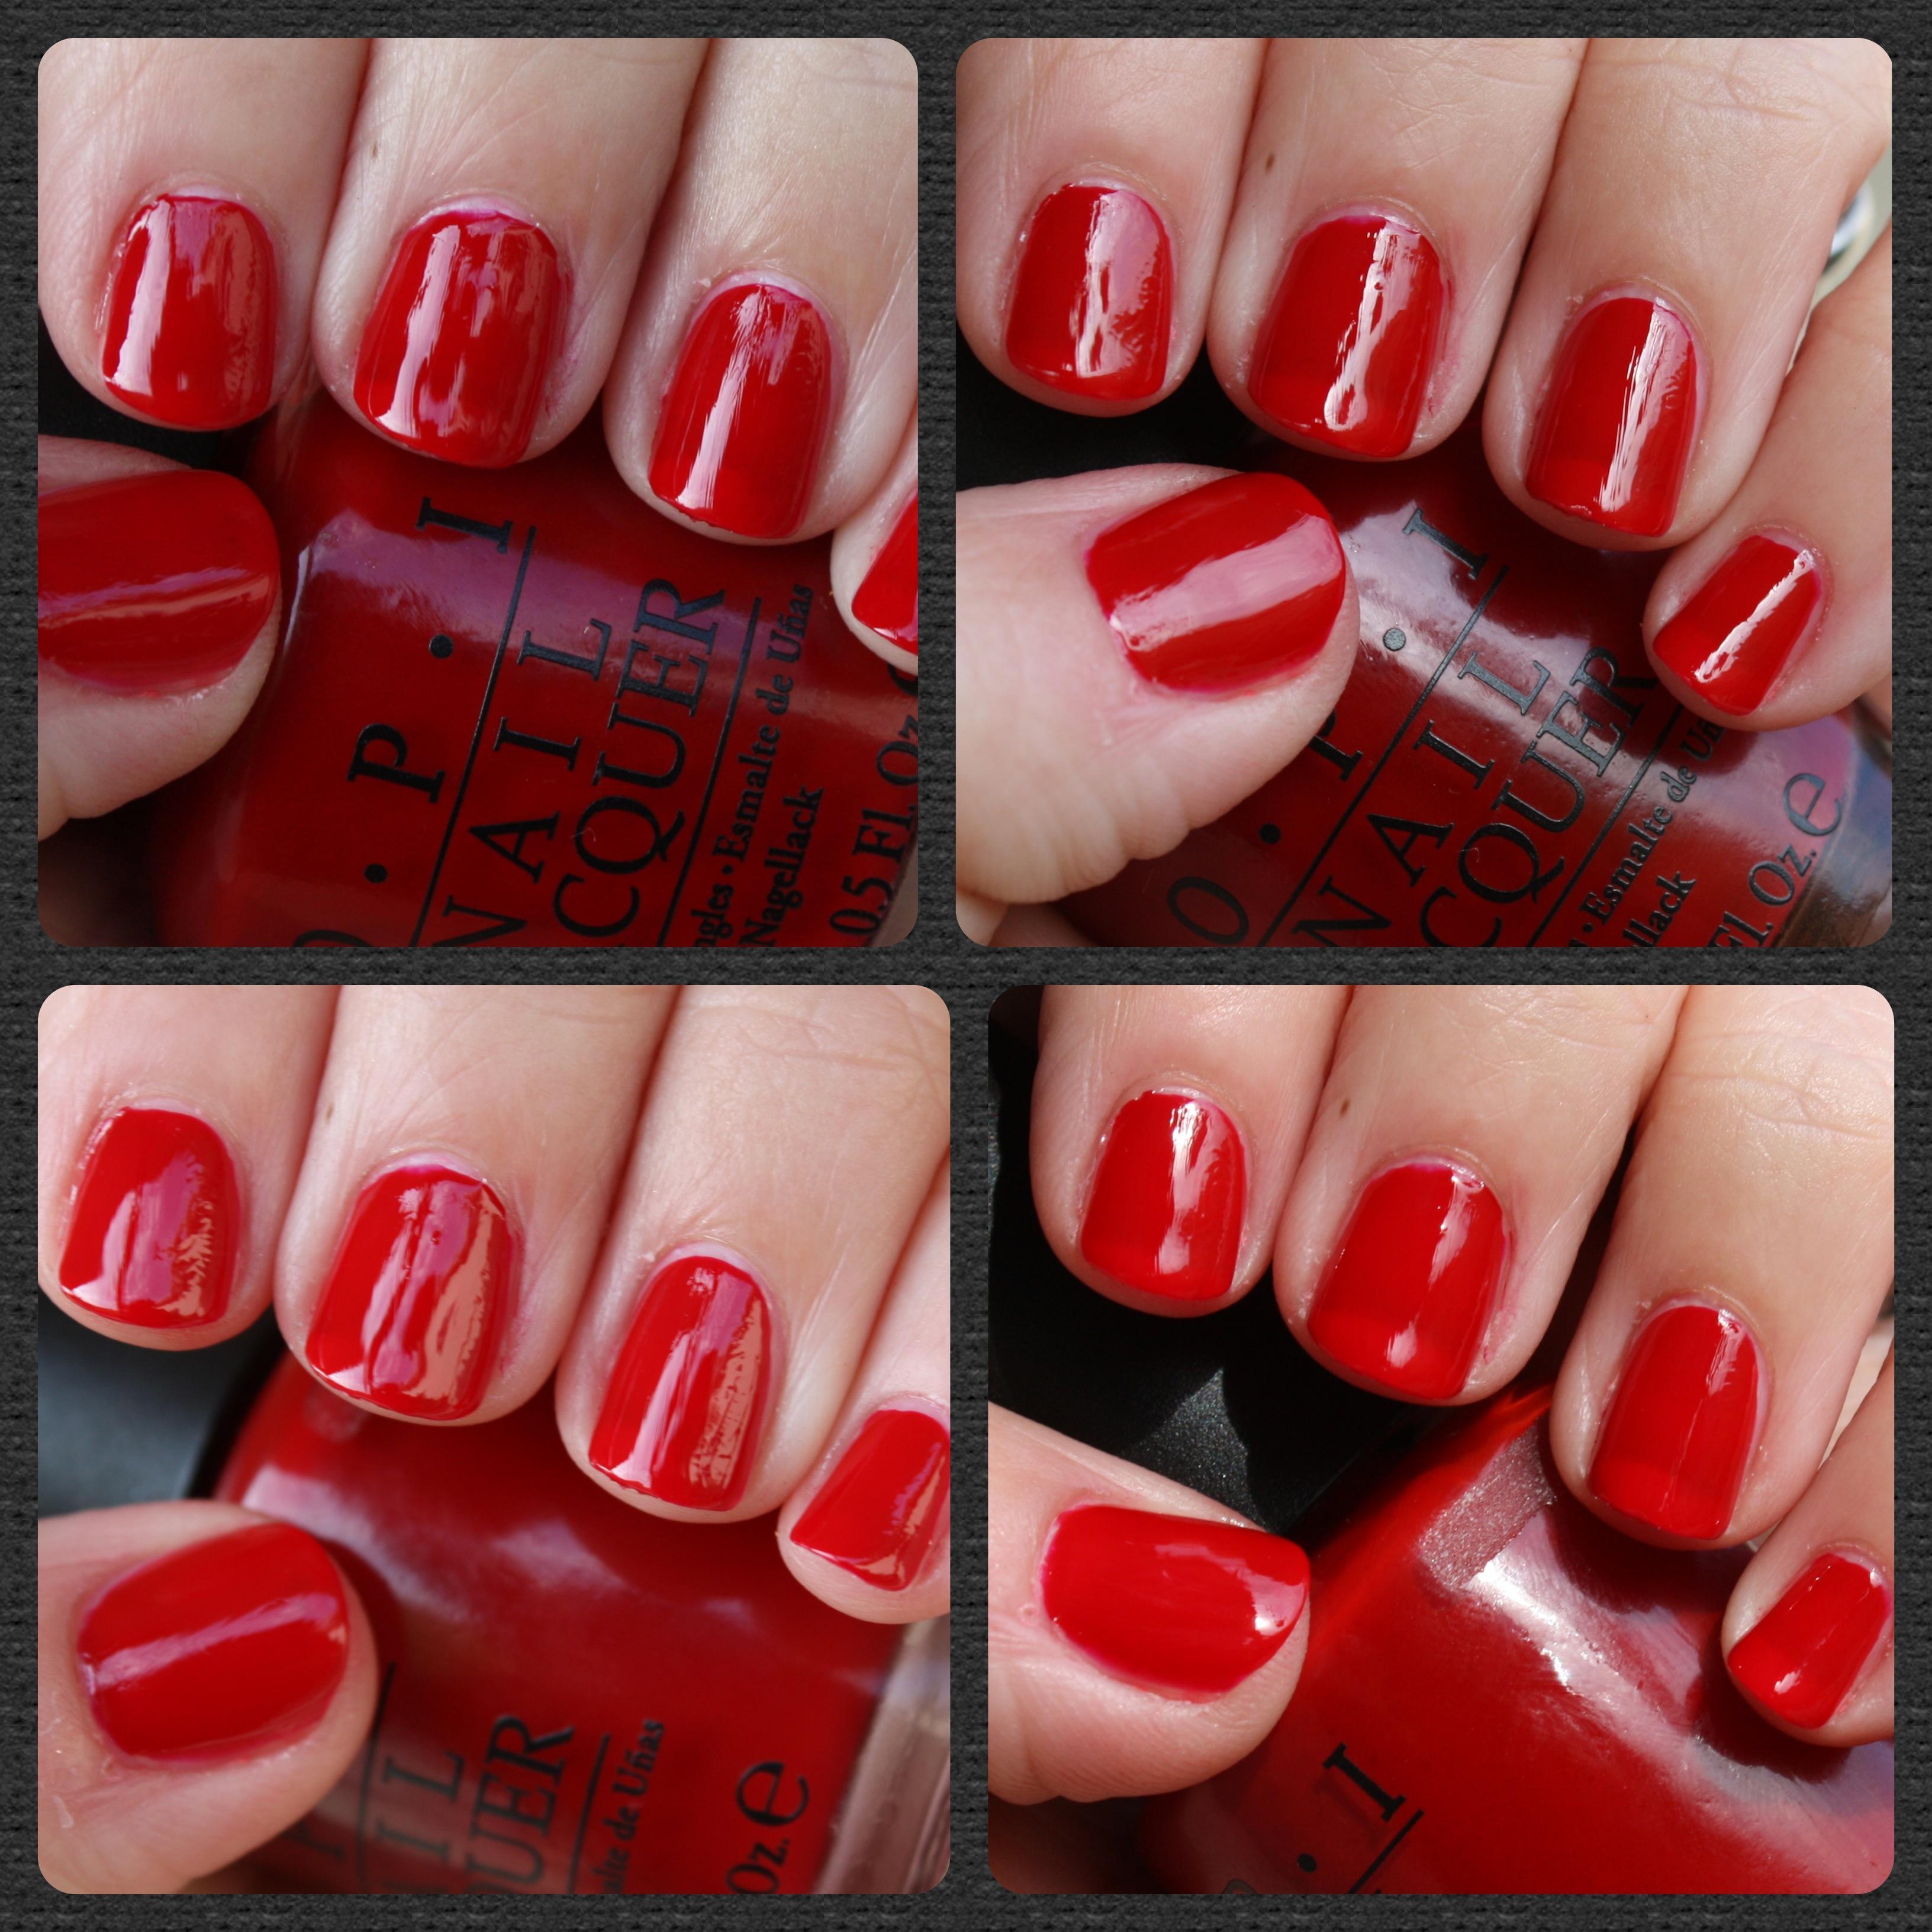 Sexy red nail polish